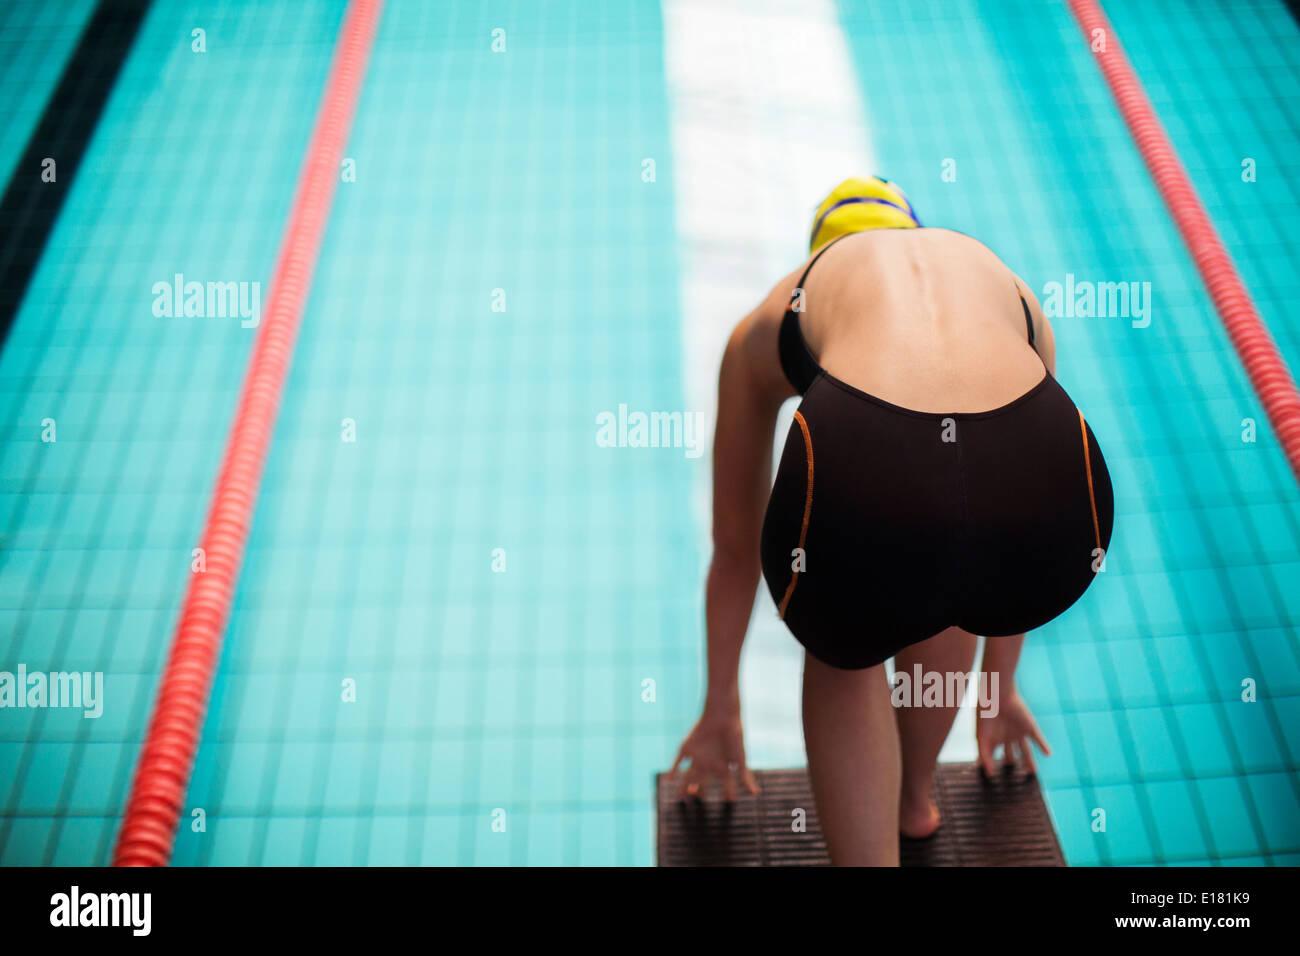 Schwimmerin am Startblock über Pool bereit Stockbild